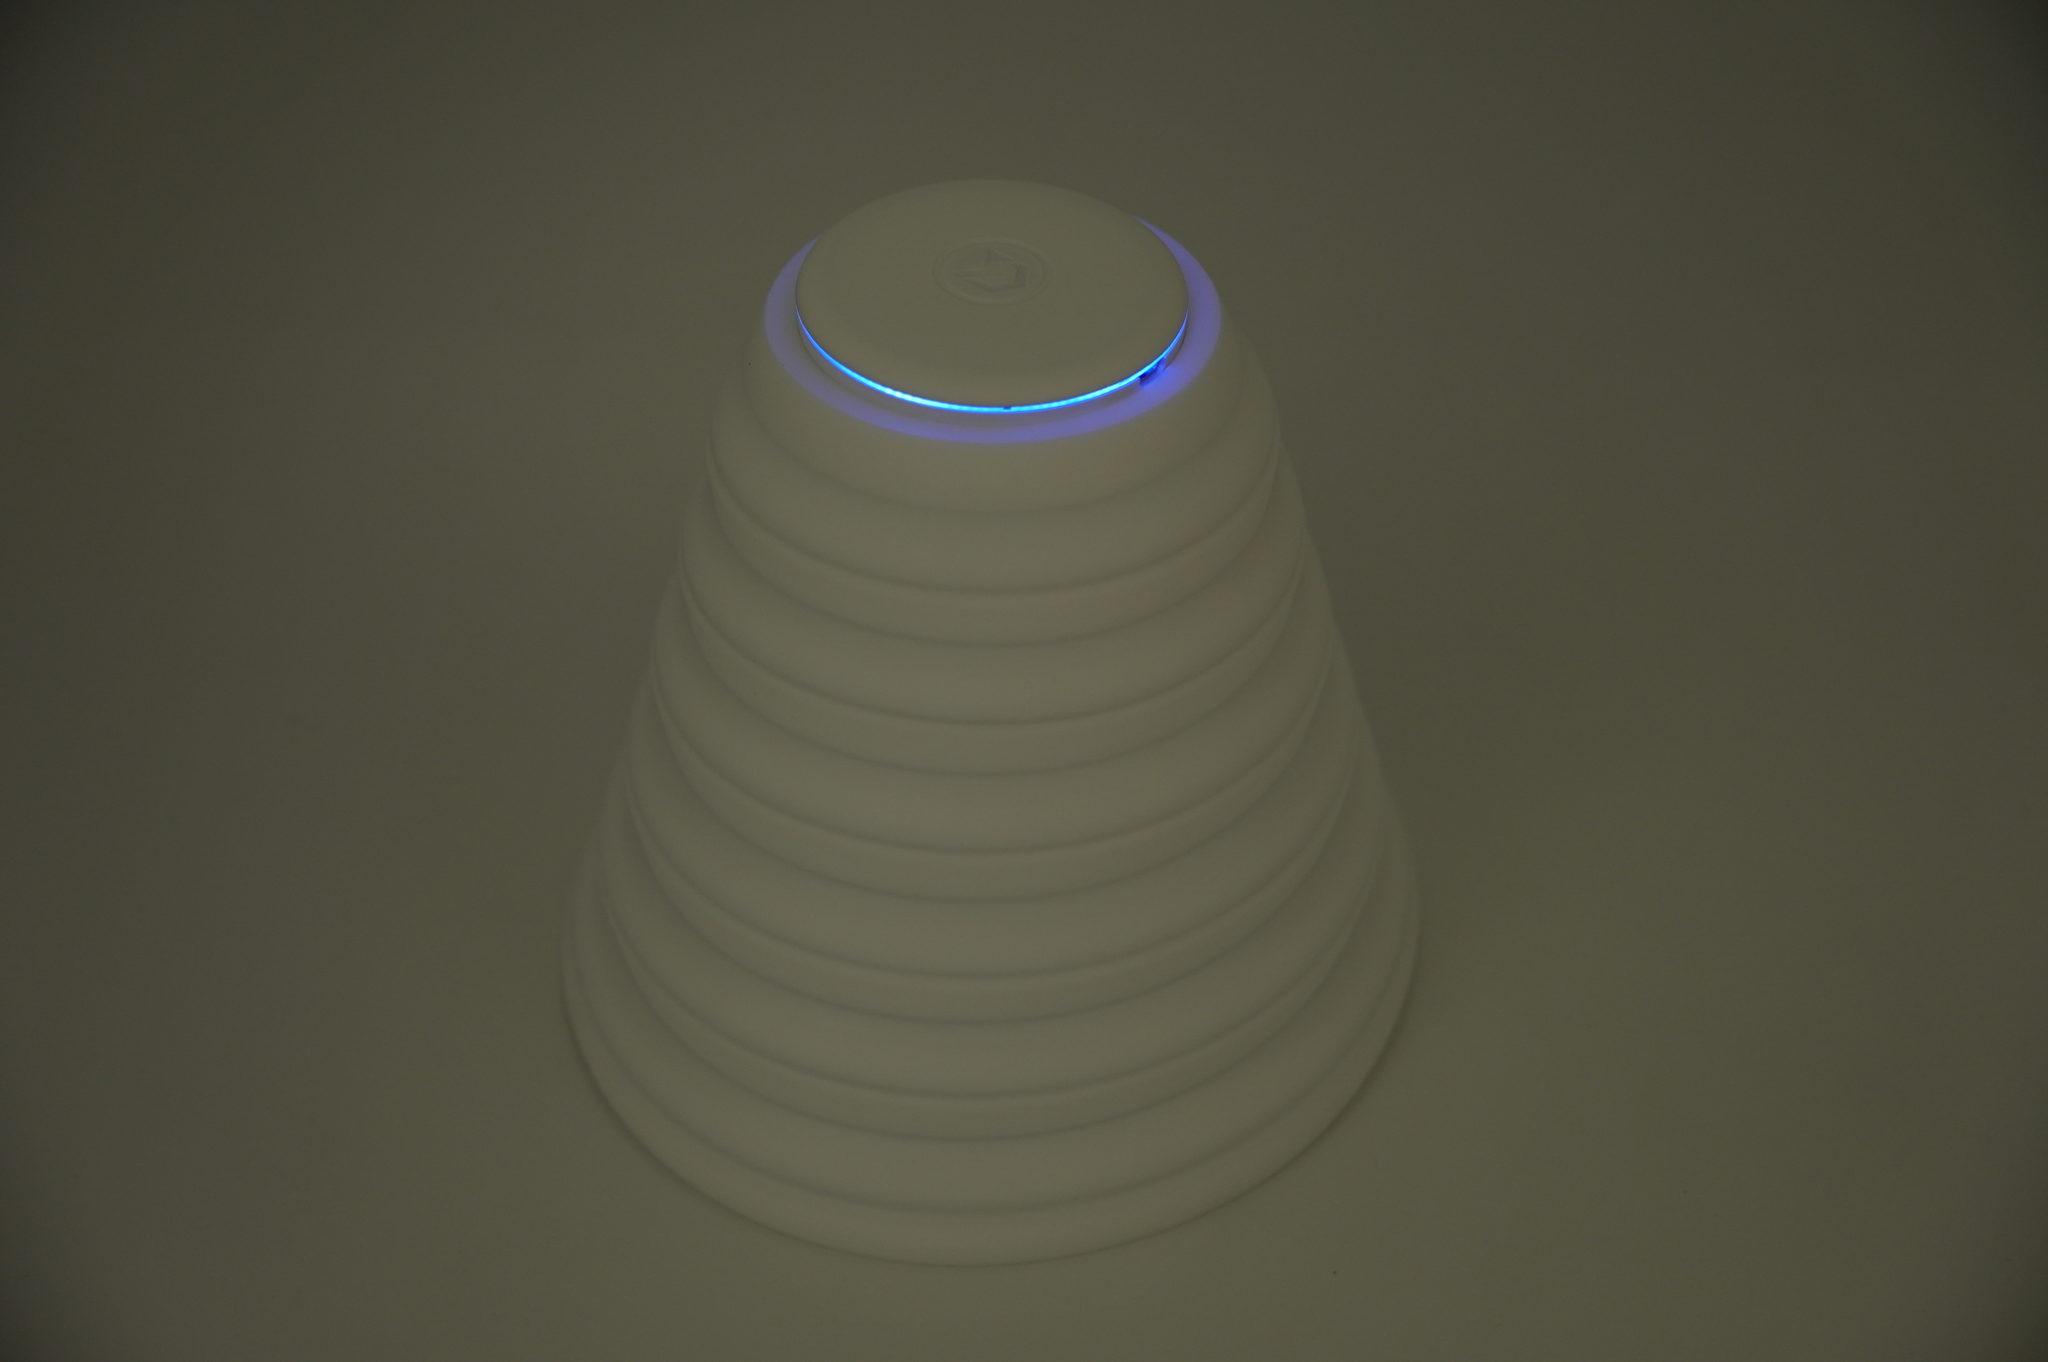 UV-C 紫外線除菌器 Mahaton ランプ状態